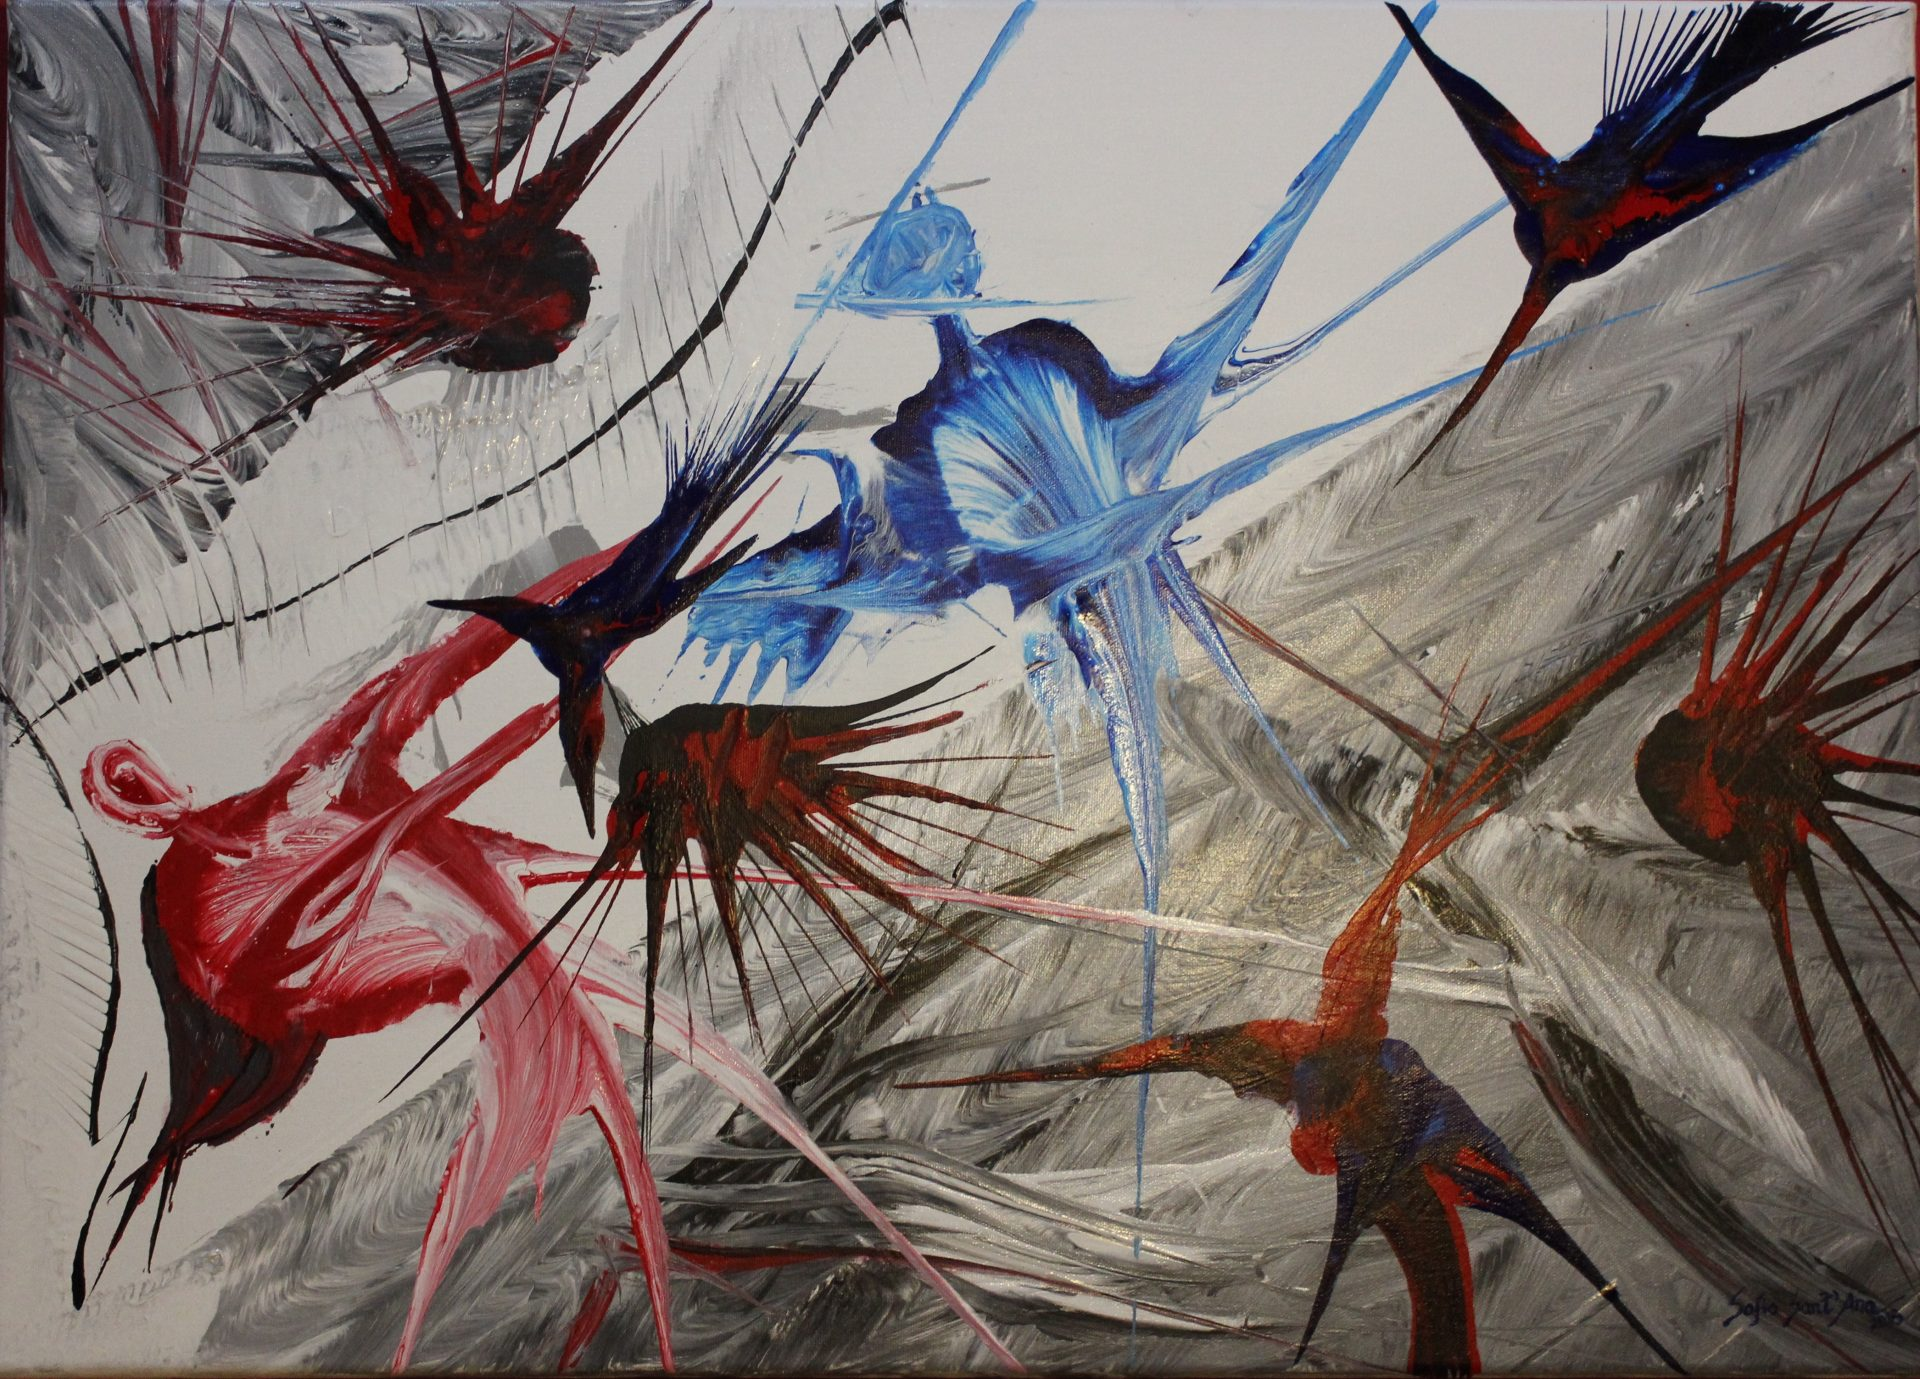 Obra Surgir da Primavera pintada à mão em acrílico sobre tela